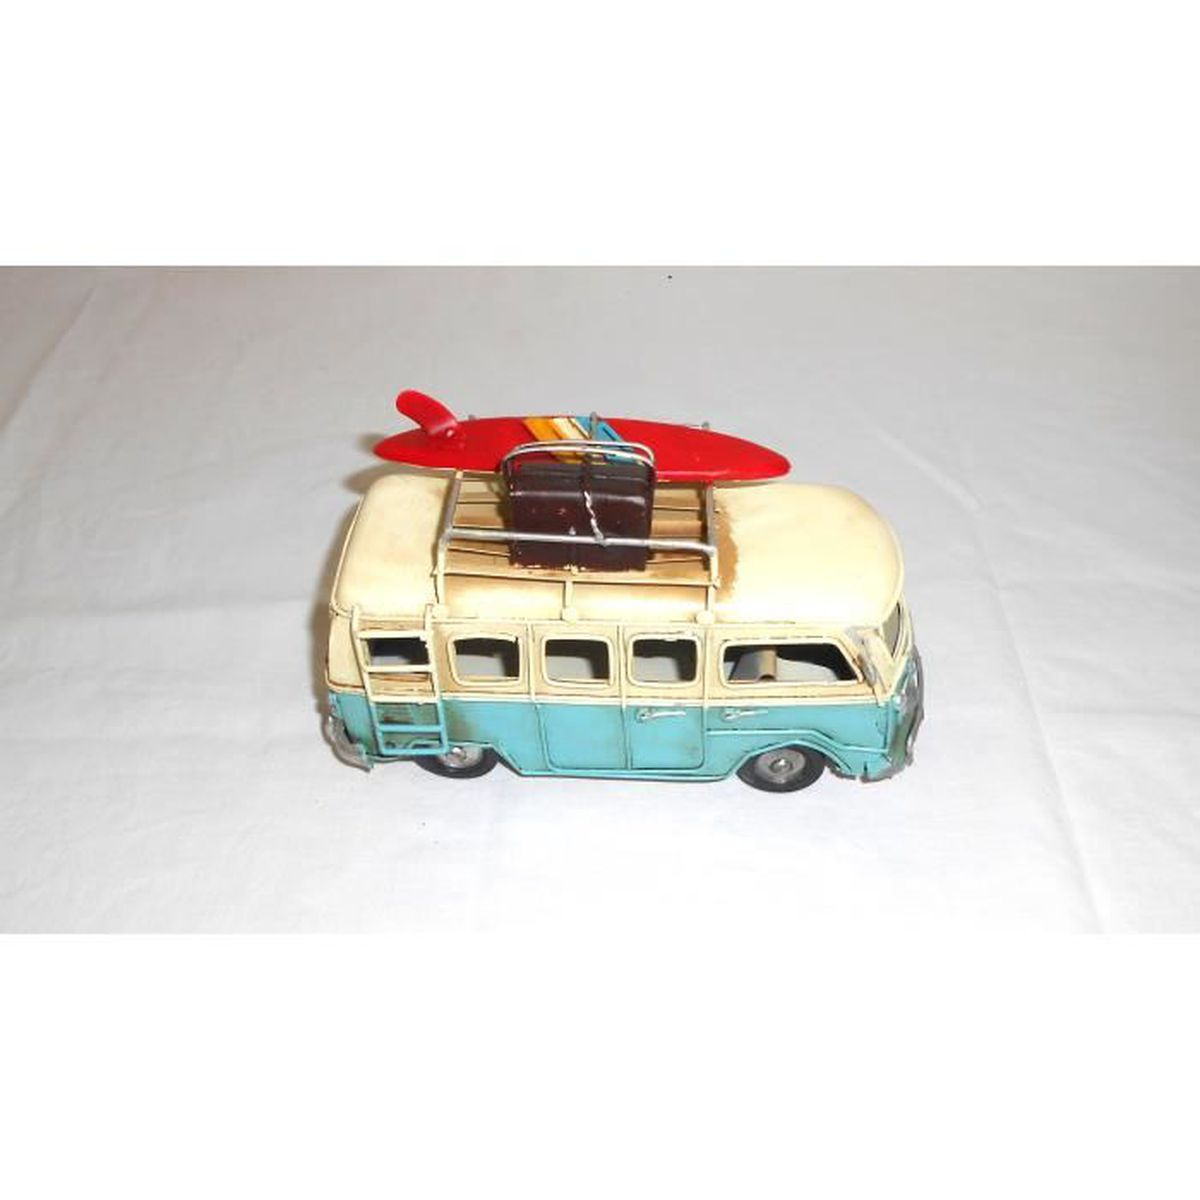 Van Miniature En Metal Bleu Planche A Voile 11x6x16 Cm Achat Vente Objet Decoratif Cdiscount